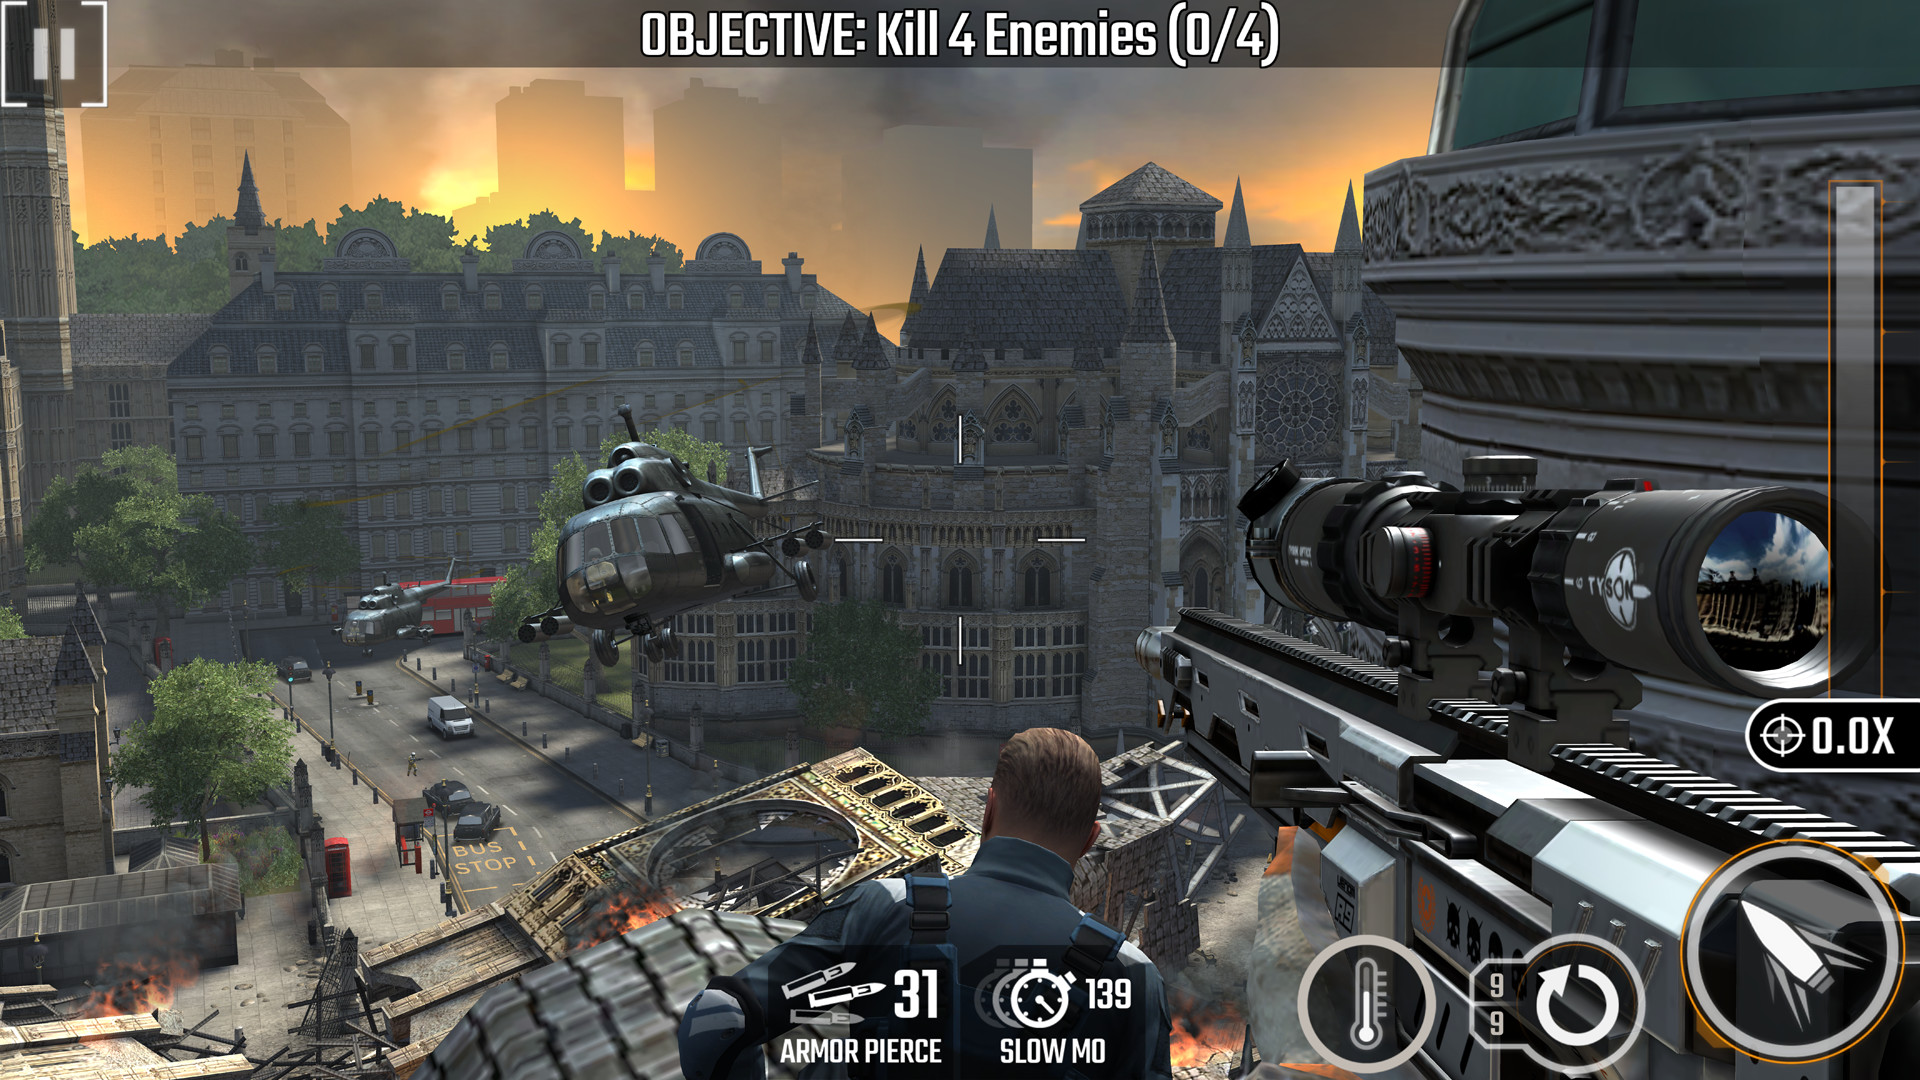 أفضل الألعاب على أندرويد 2020 - لعبة Sniper Strike : Special Ops